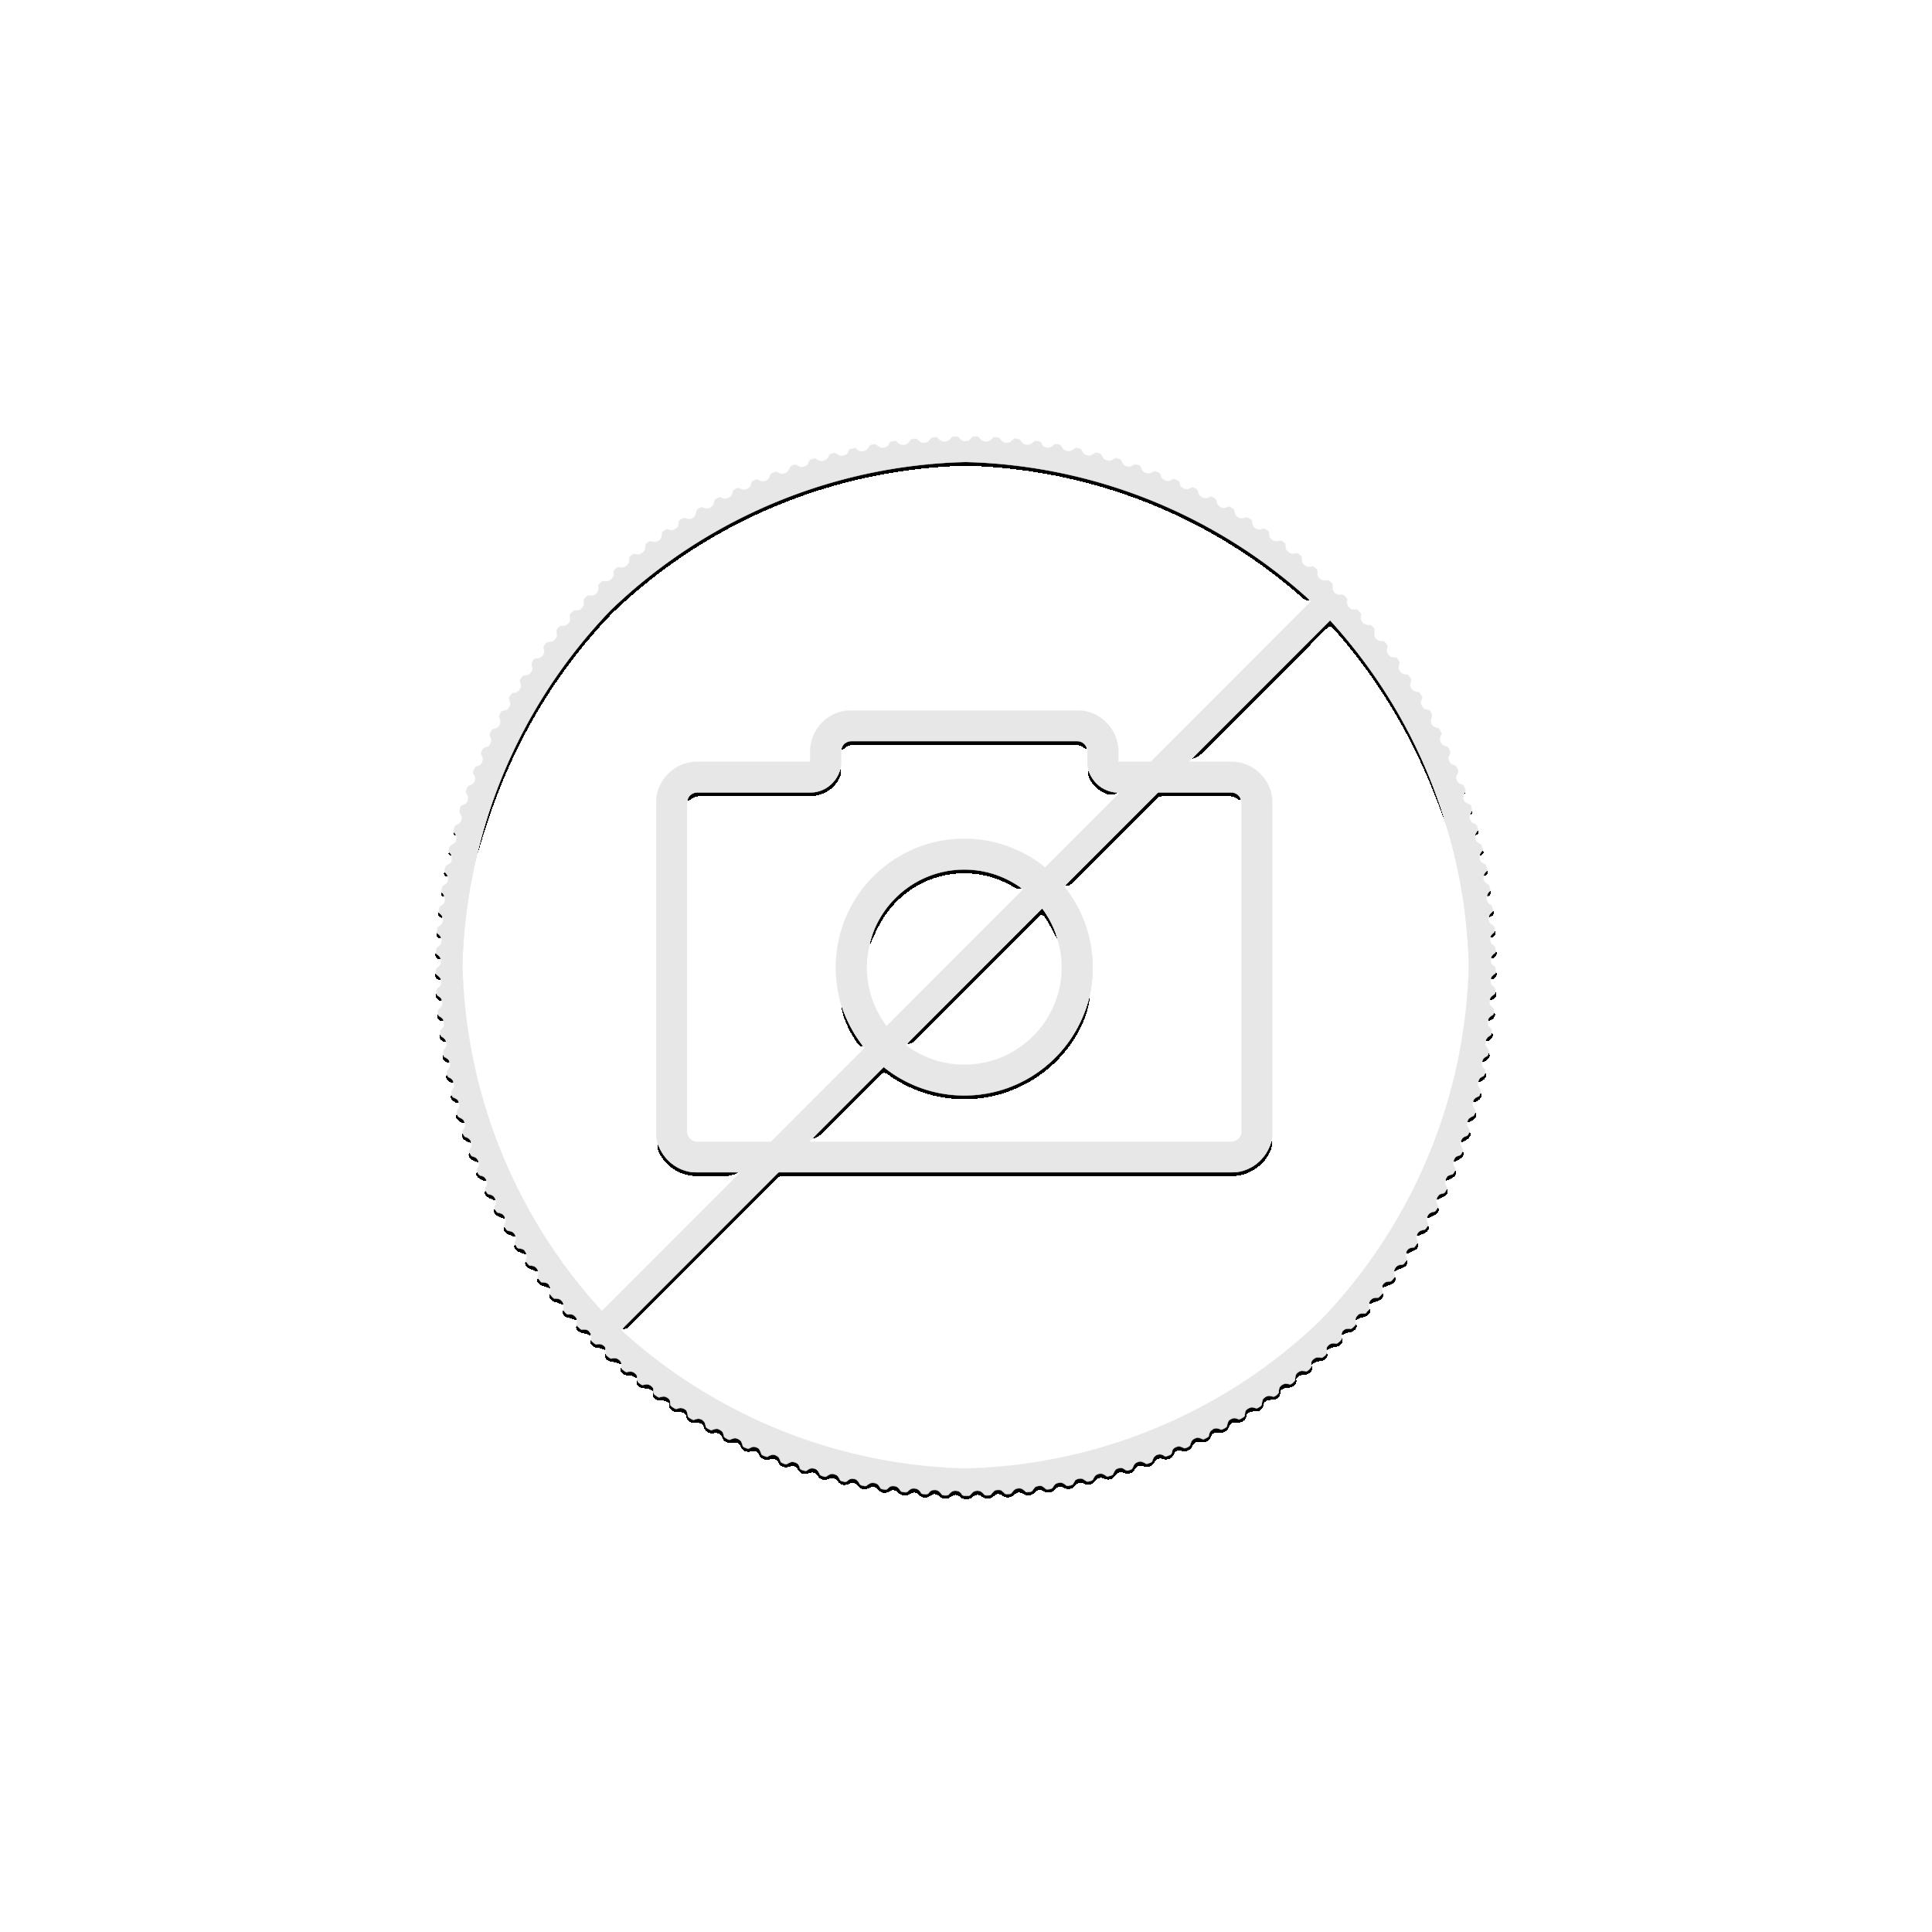 1 troy ounce zilveren munt Christus met doornen gekroond 2020